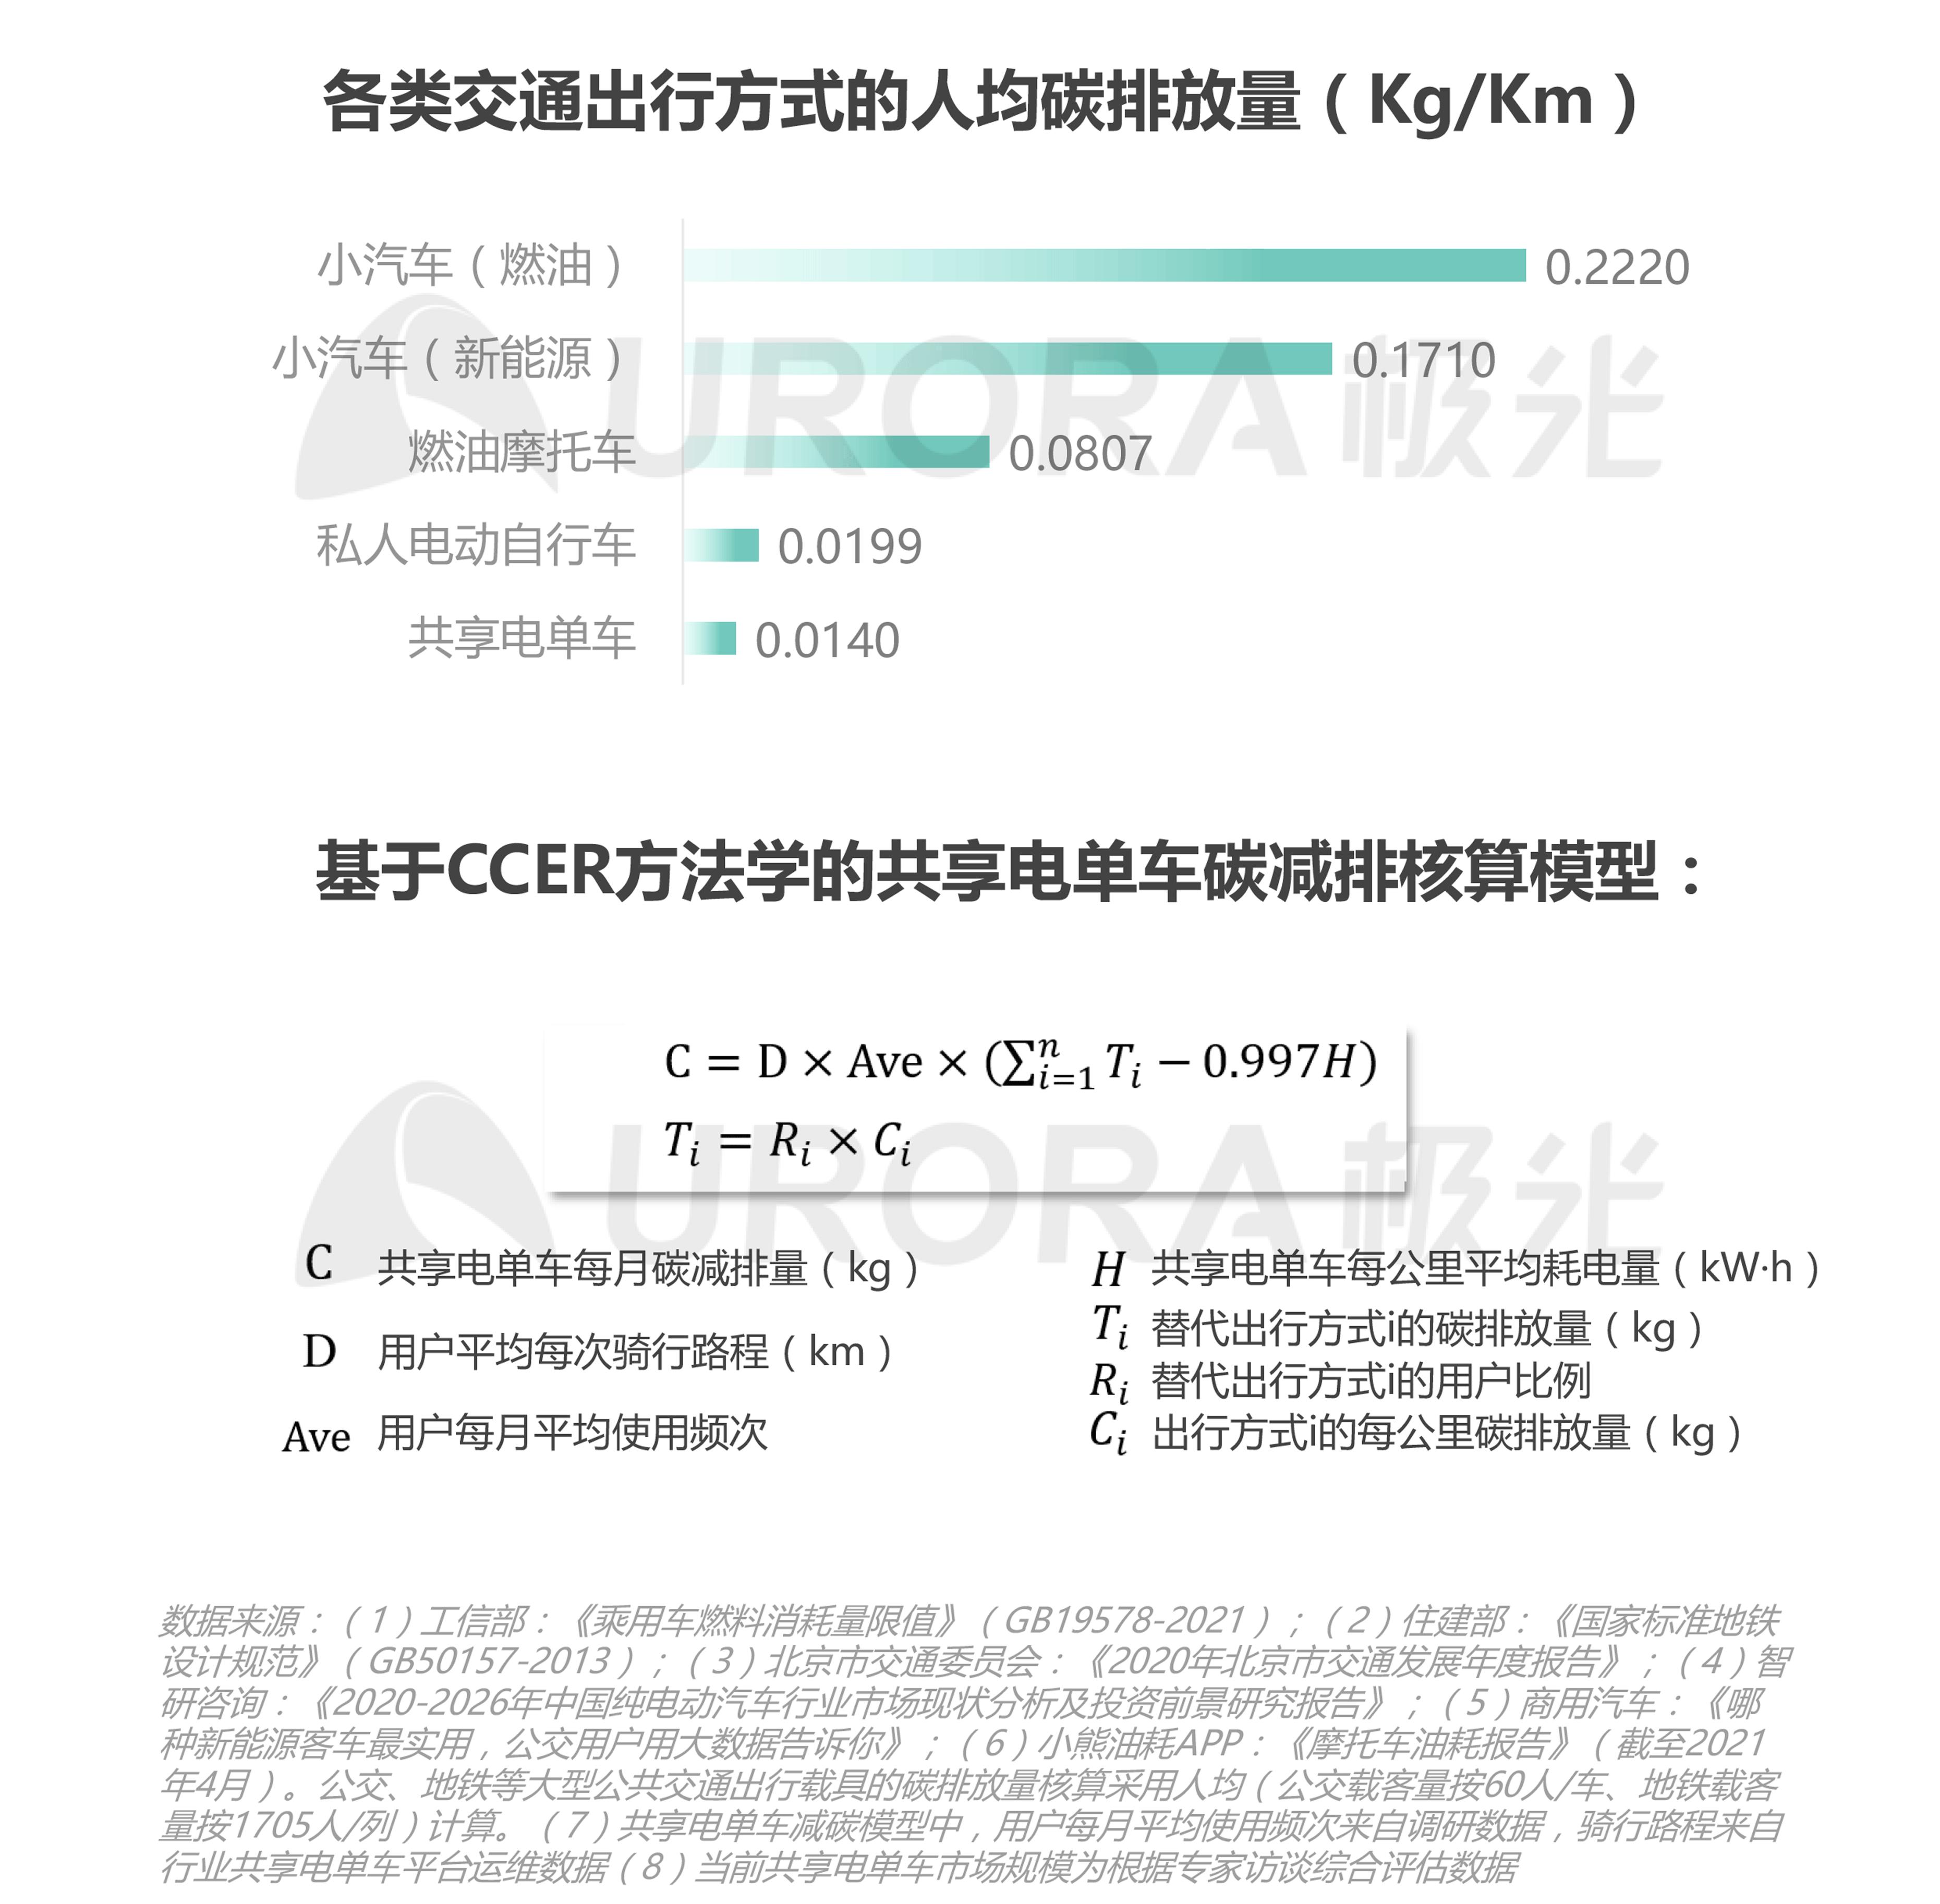 JIGUANG-共享电单车社会价值研究报告_0528(终版)-13.png